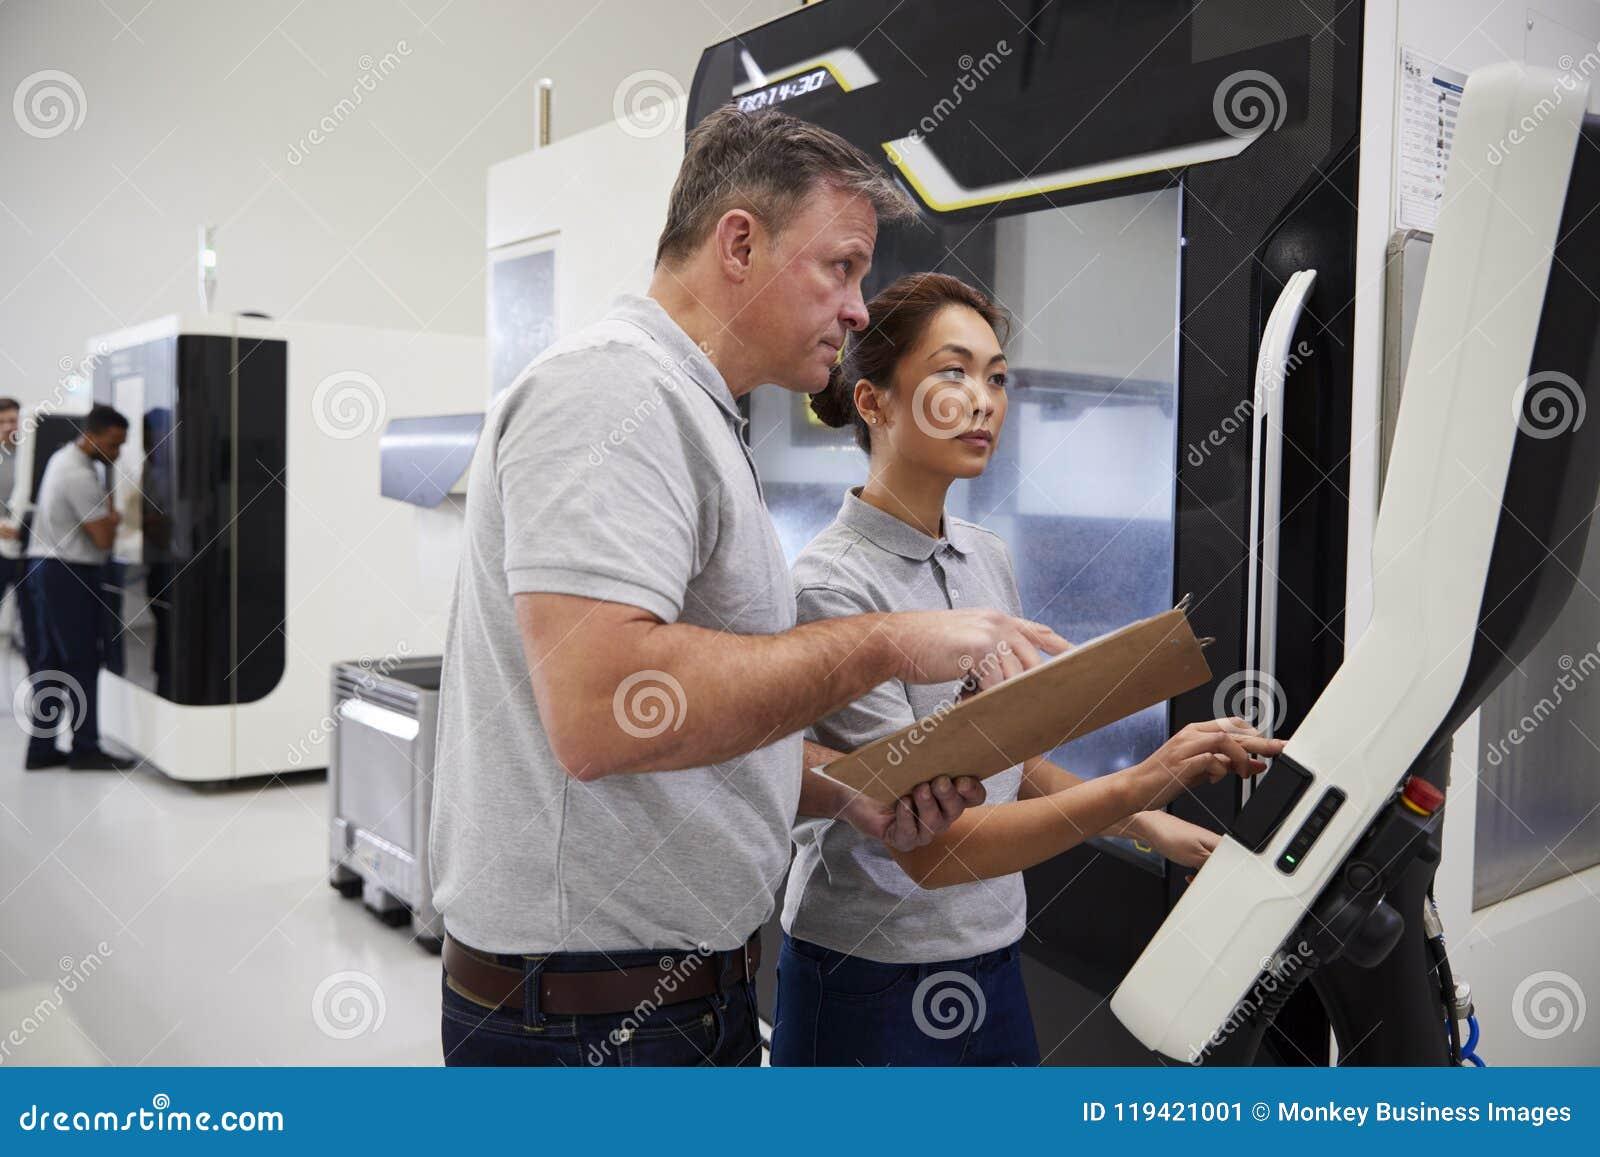 Μηχανικός που εκπαιδεύει το θηλυκό μαθητευόμενο για να χρησιμοποιήσει CNC τη μηχανή στον παράγοντα